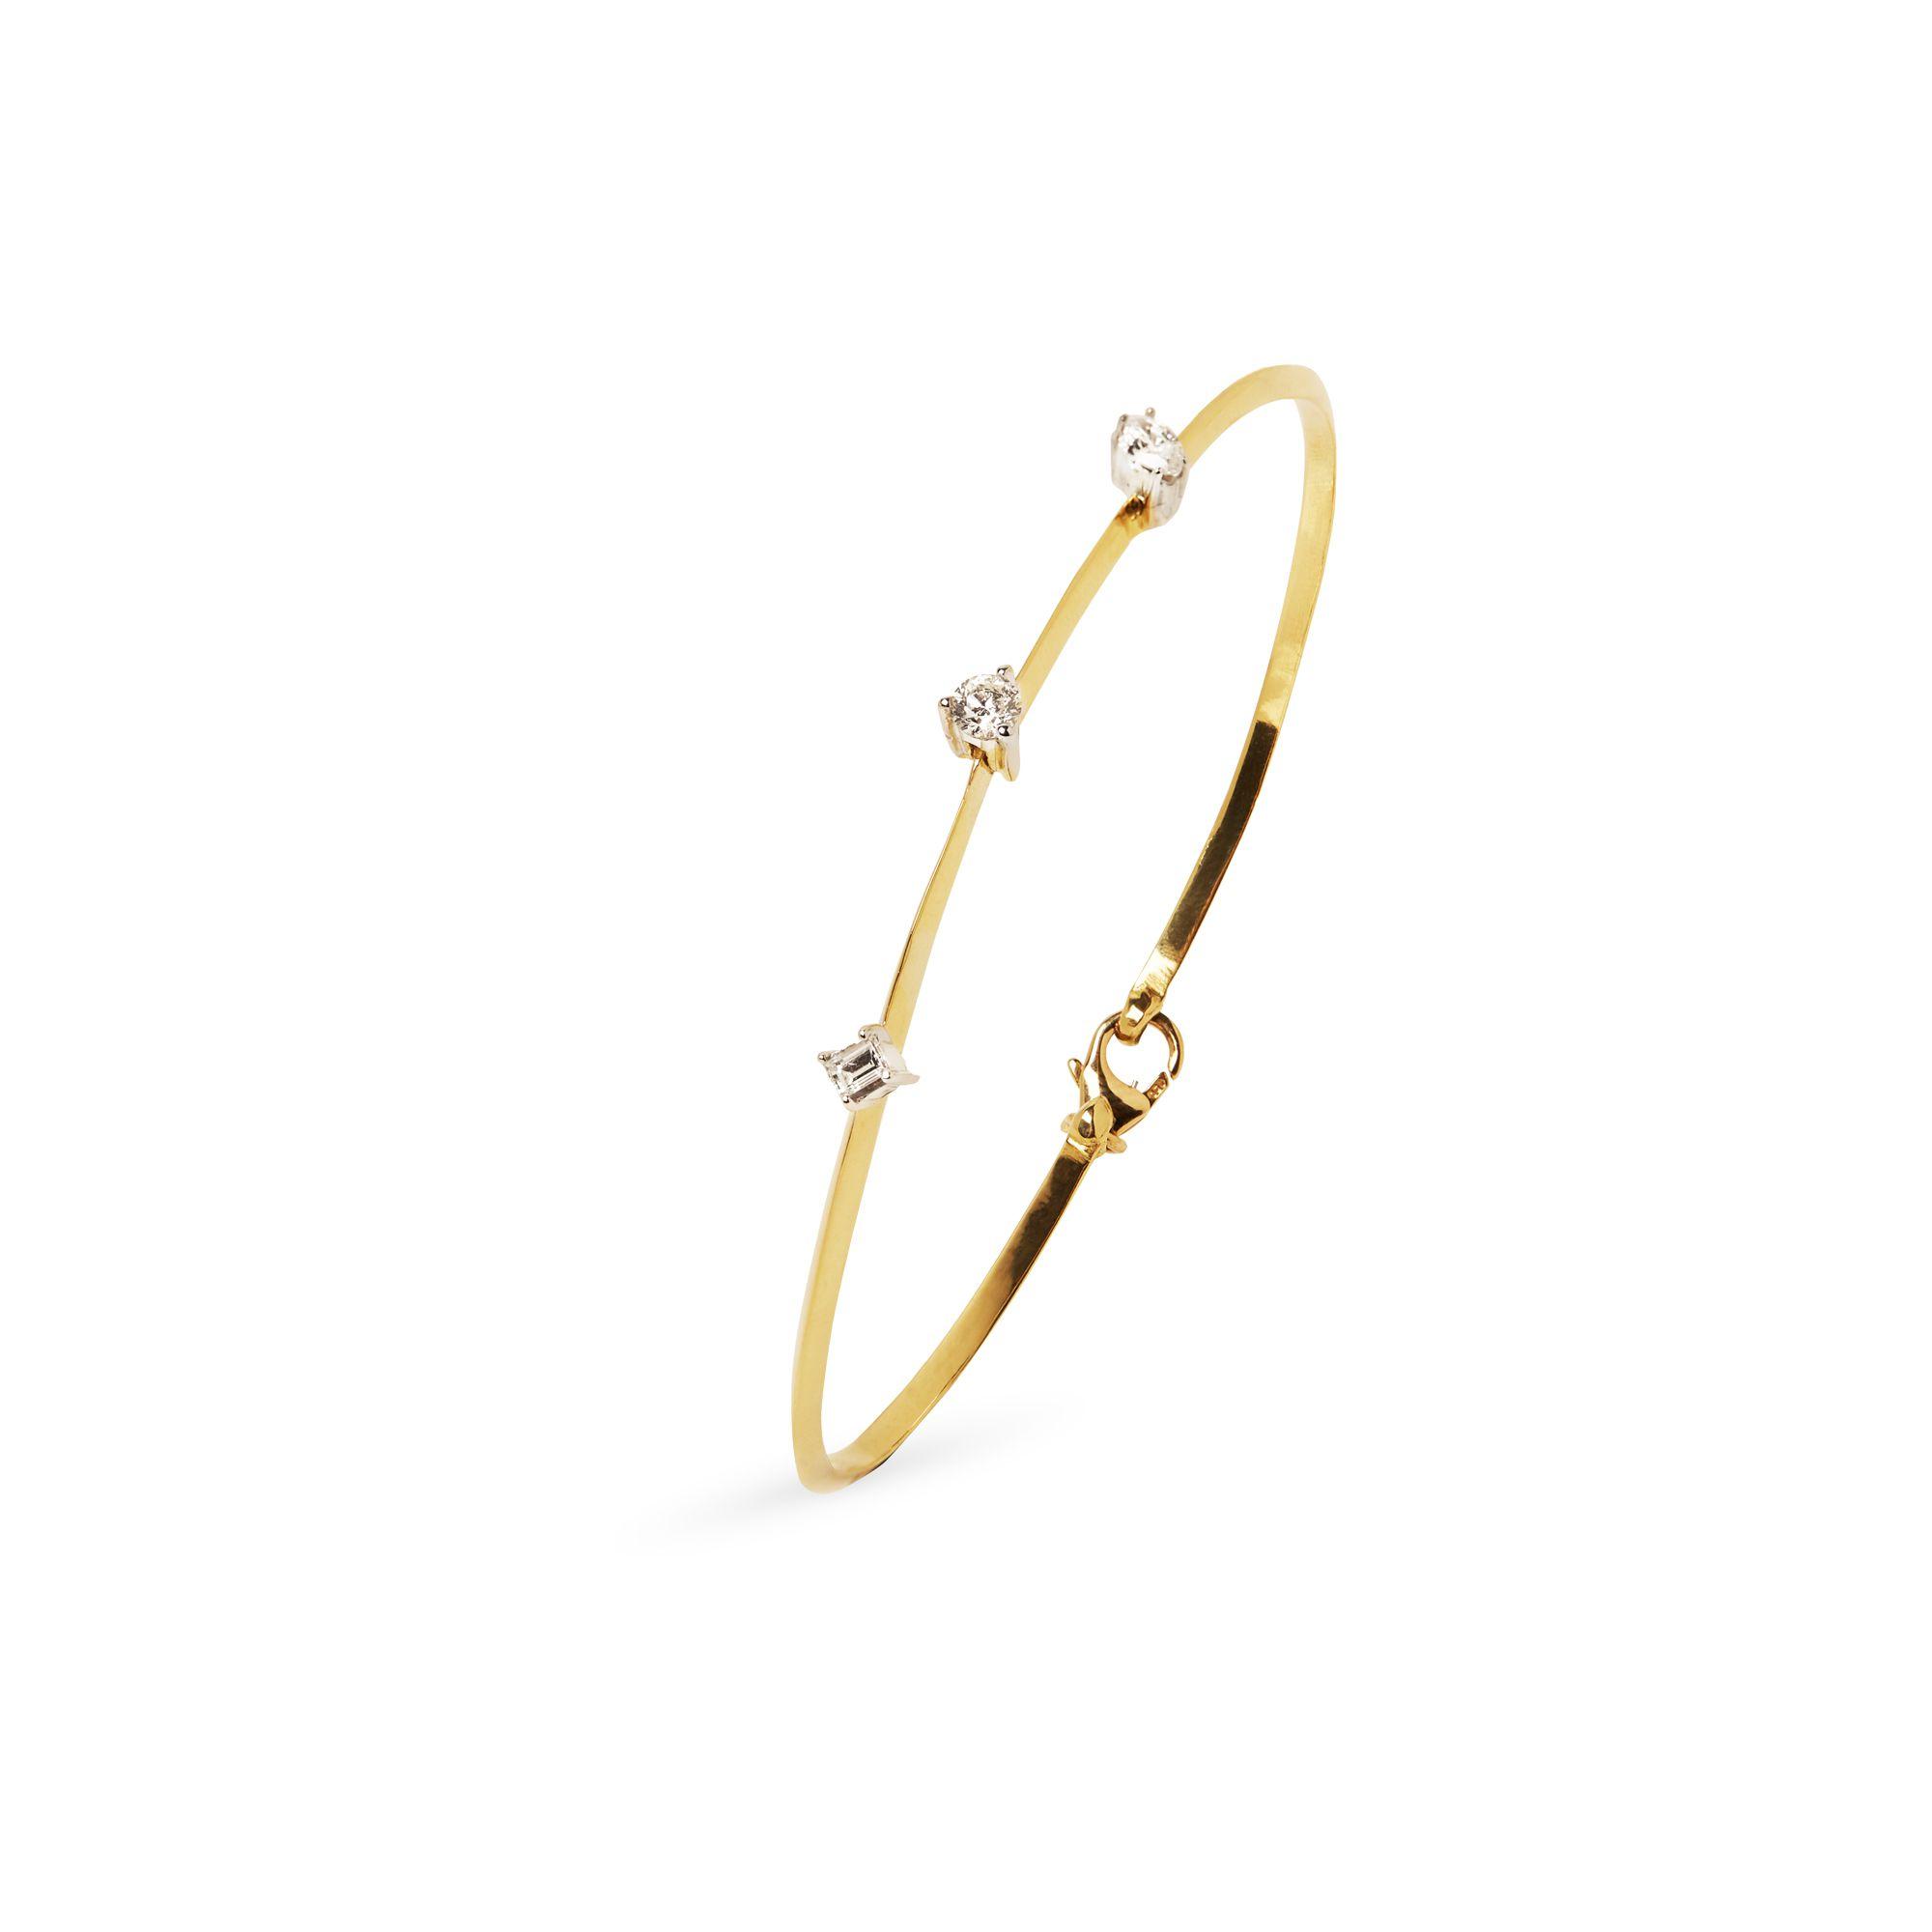 Bracciale 'Balance' Bracciale in oro giallo e diamanti